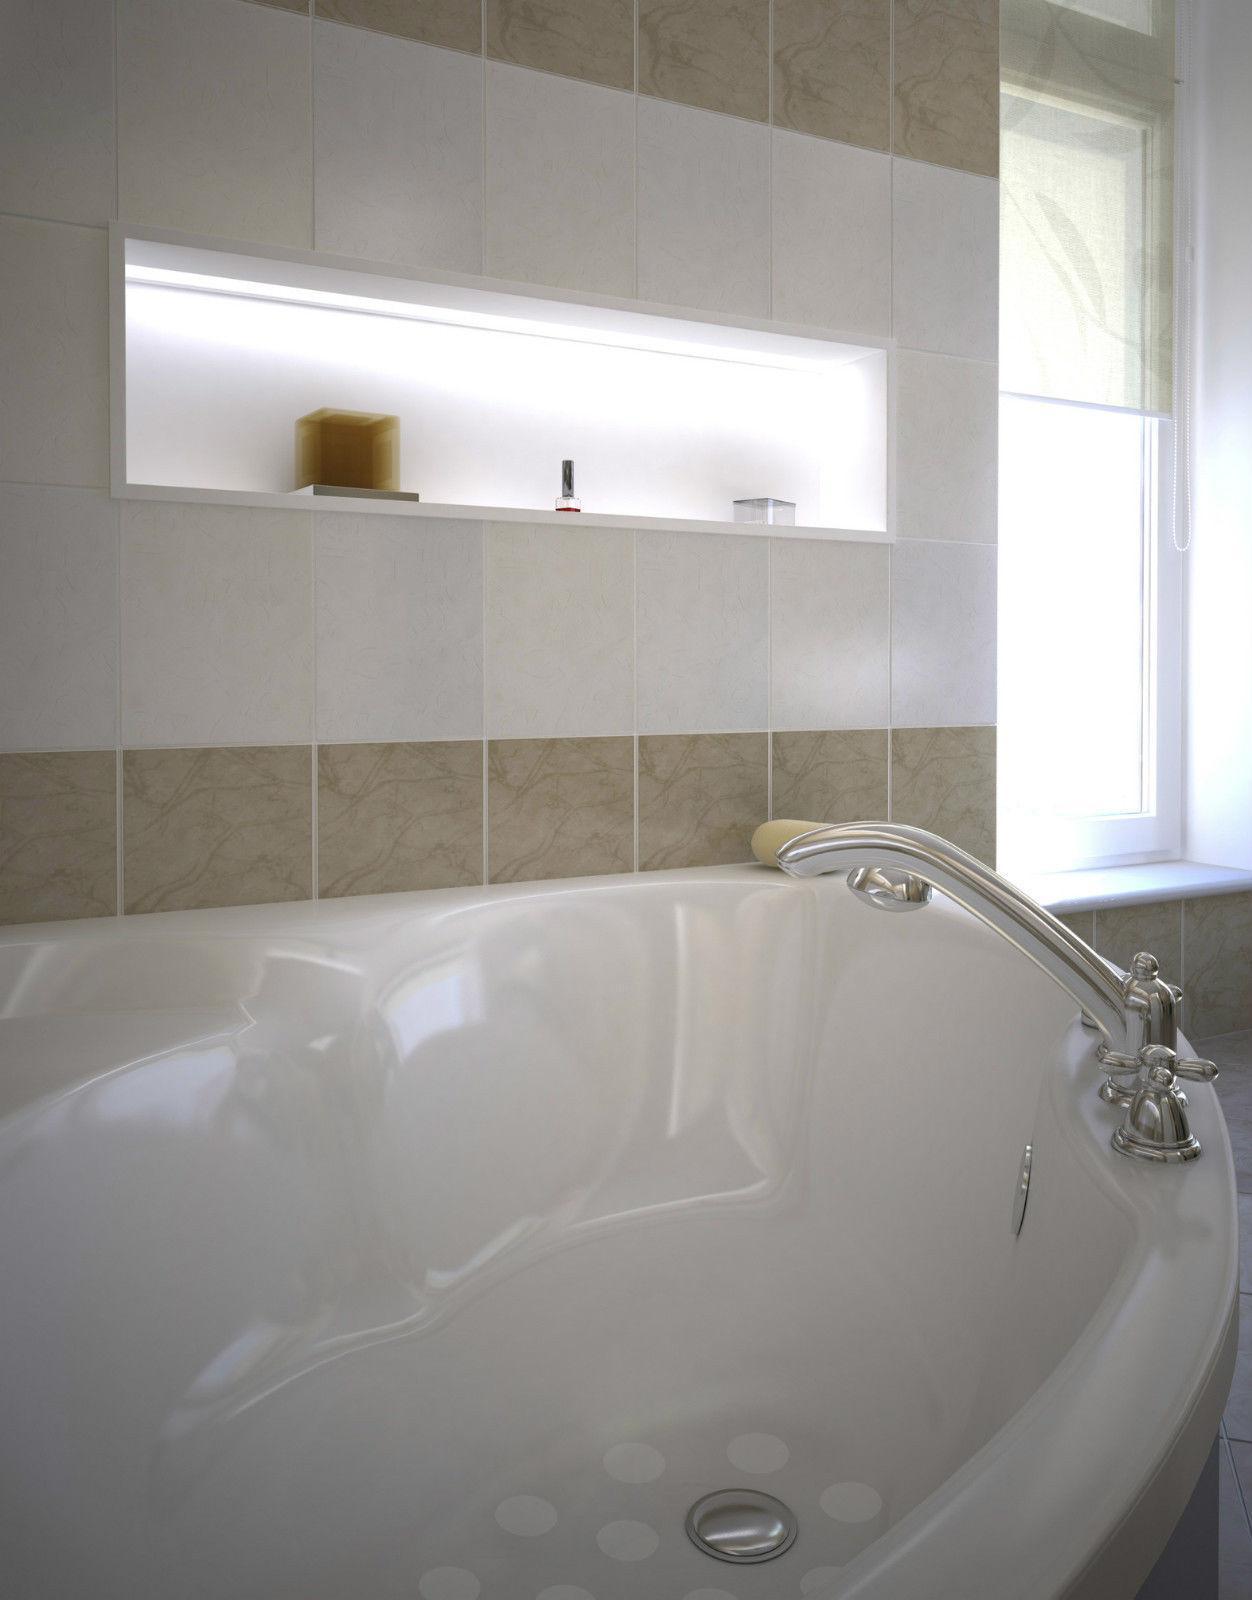 Fliesen Folie anti rutsch fliesen folie boden dusche wanne antirutschmatte